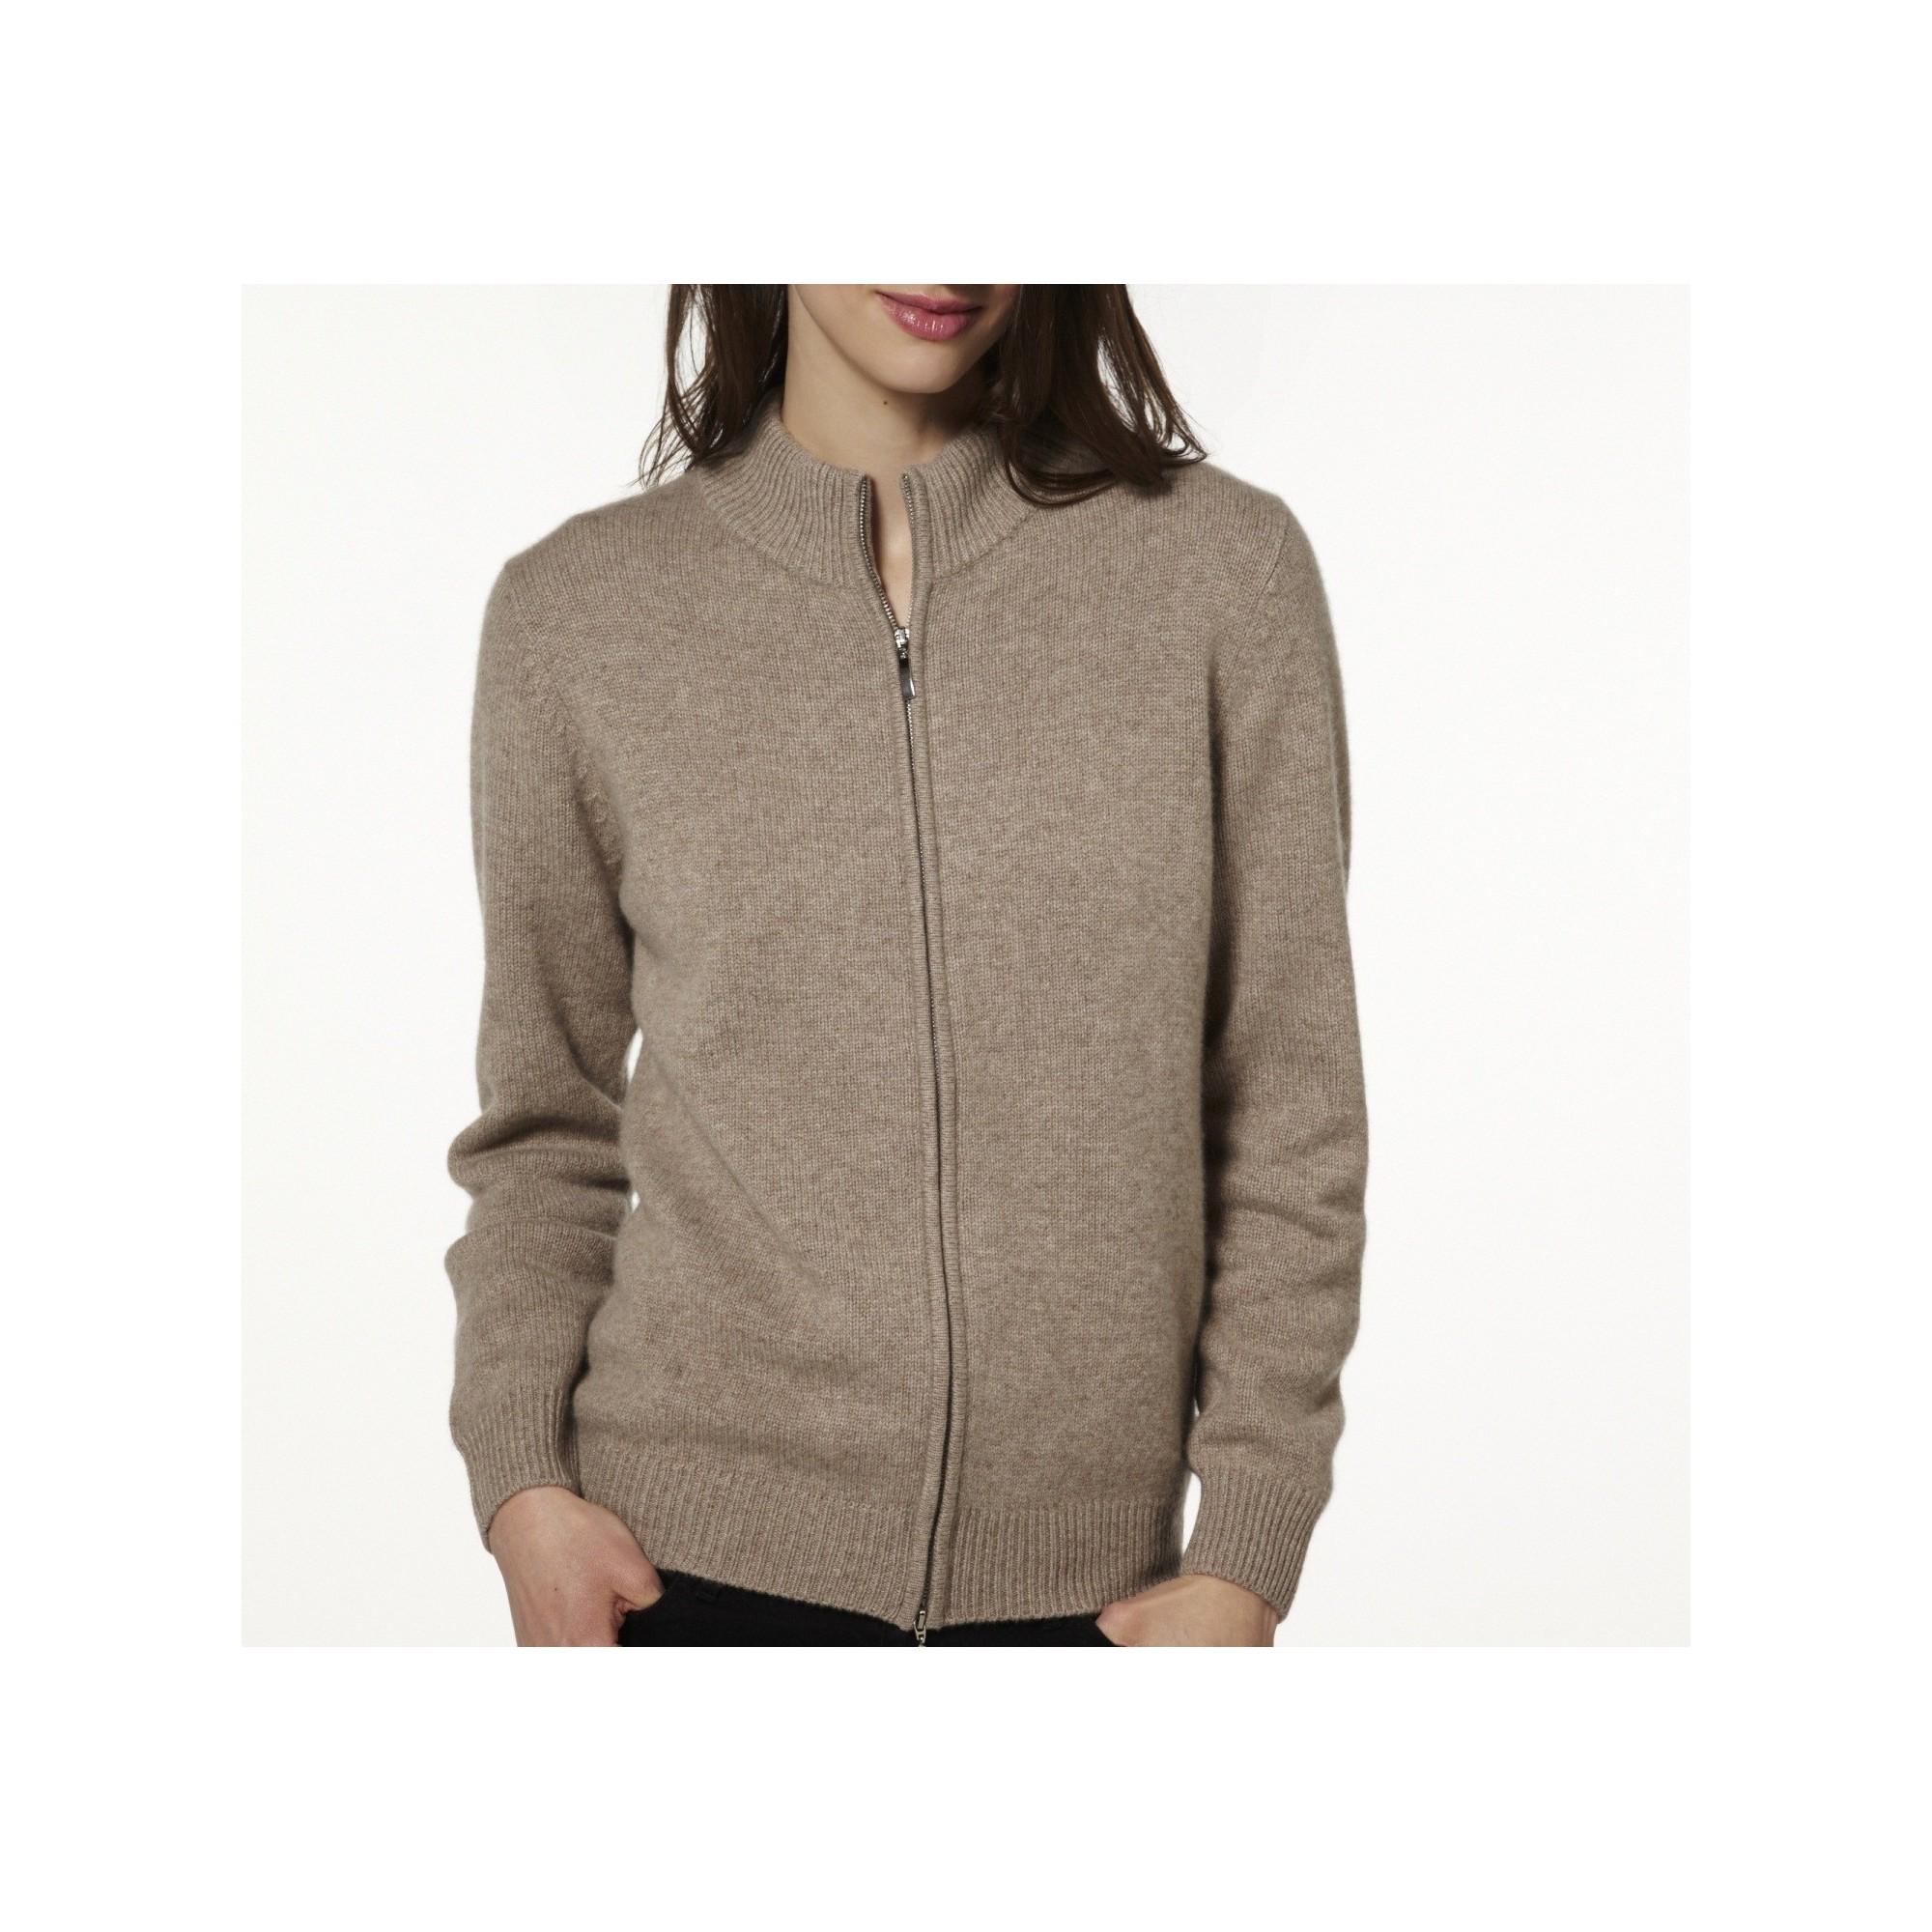 gilet femme cachemire sweater vest. Black Bedroom Furniture Sets. Home Design Ideas